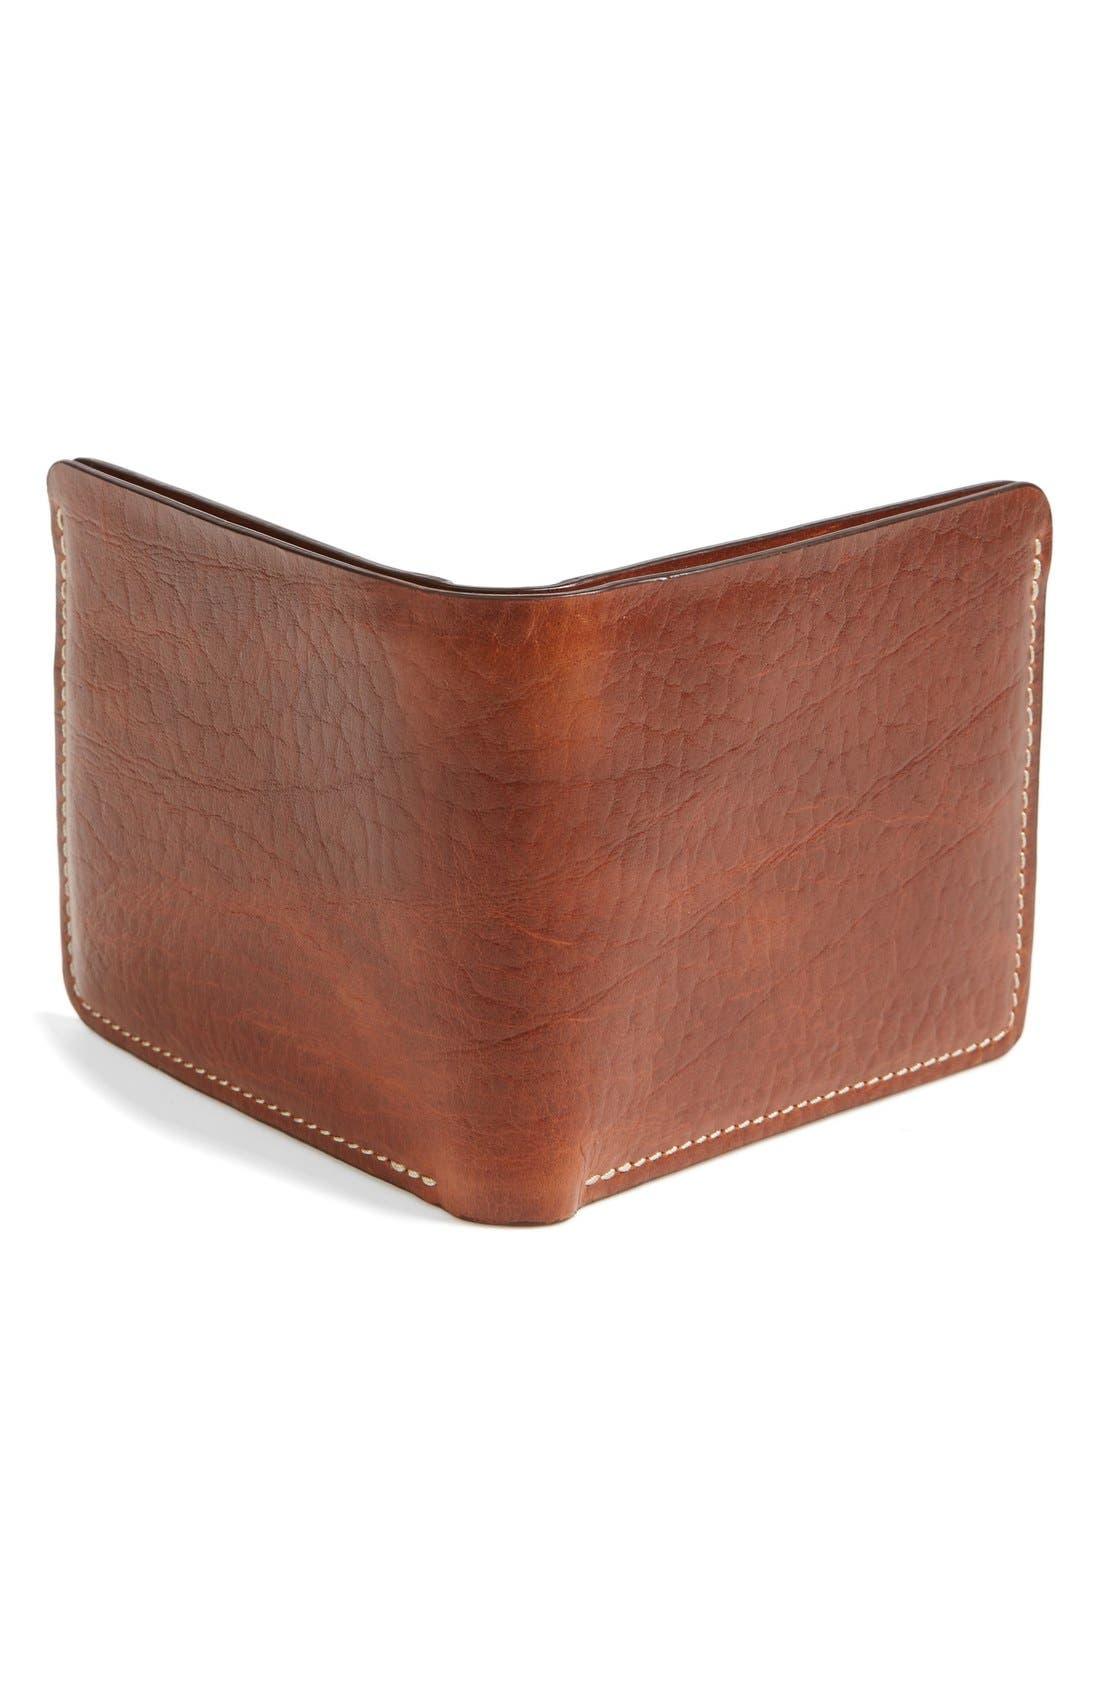 Alternate Image 3  - Trask 'Jackson' Bison Leather Wallet